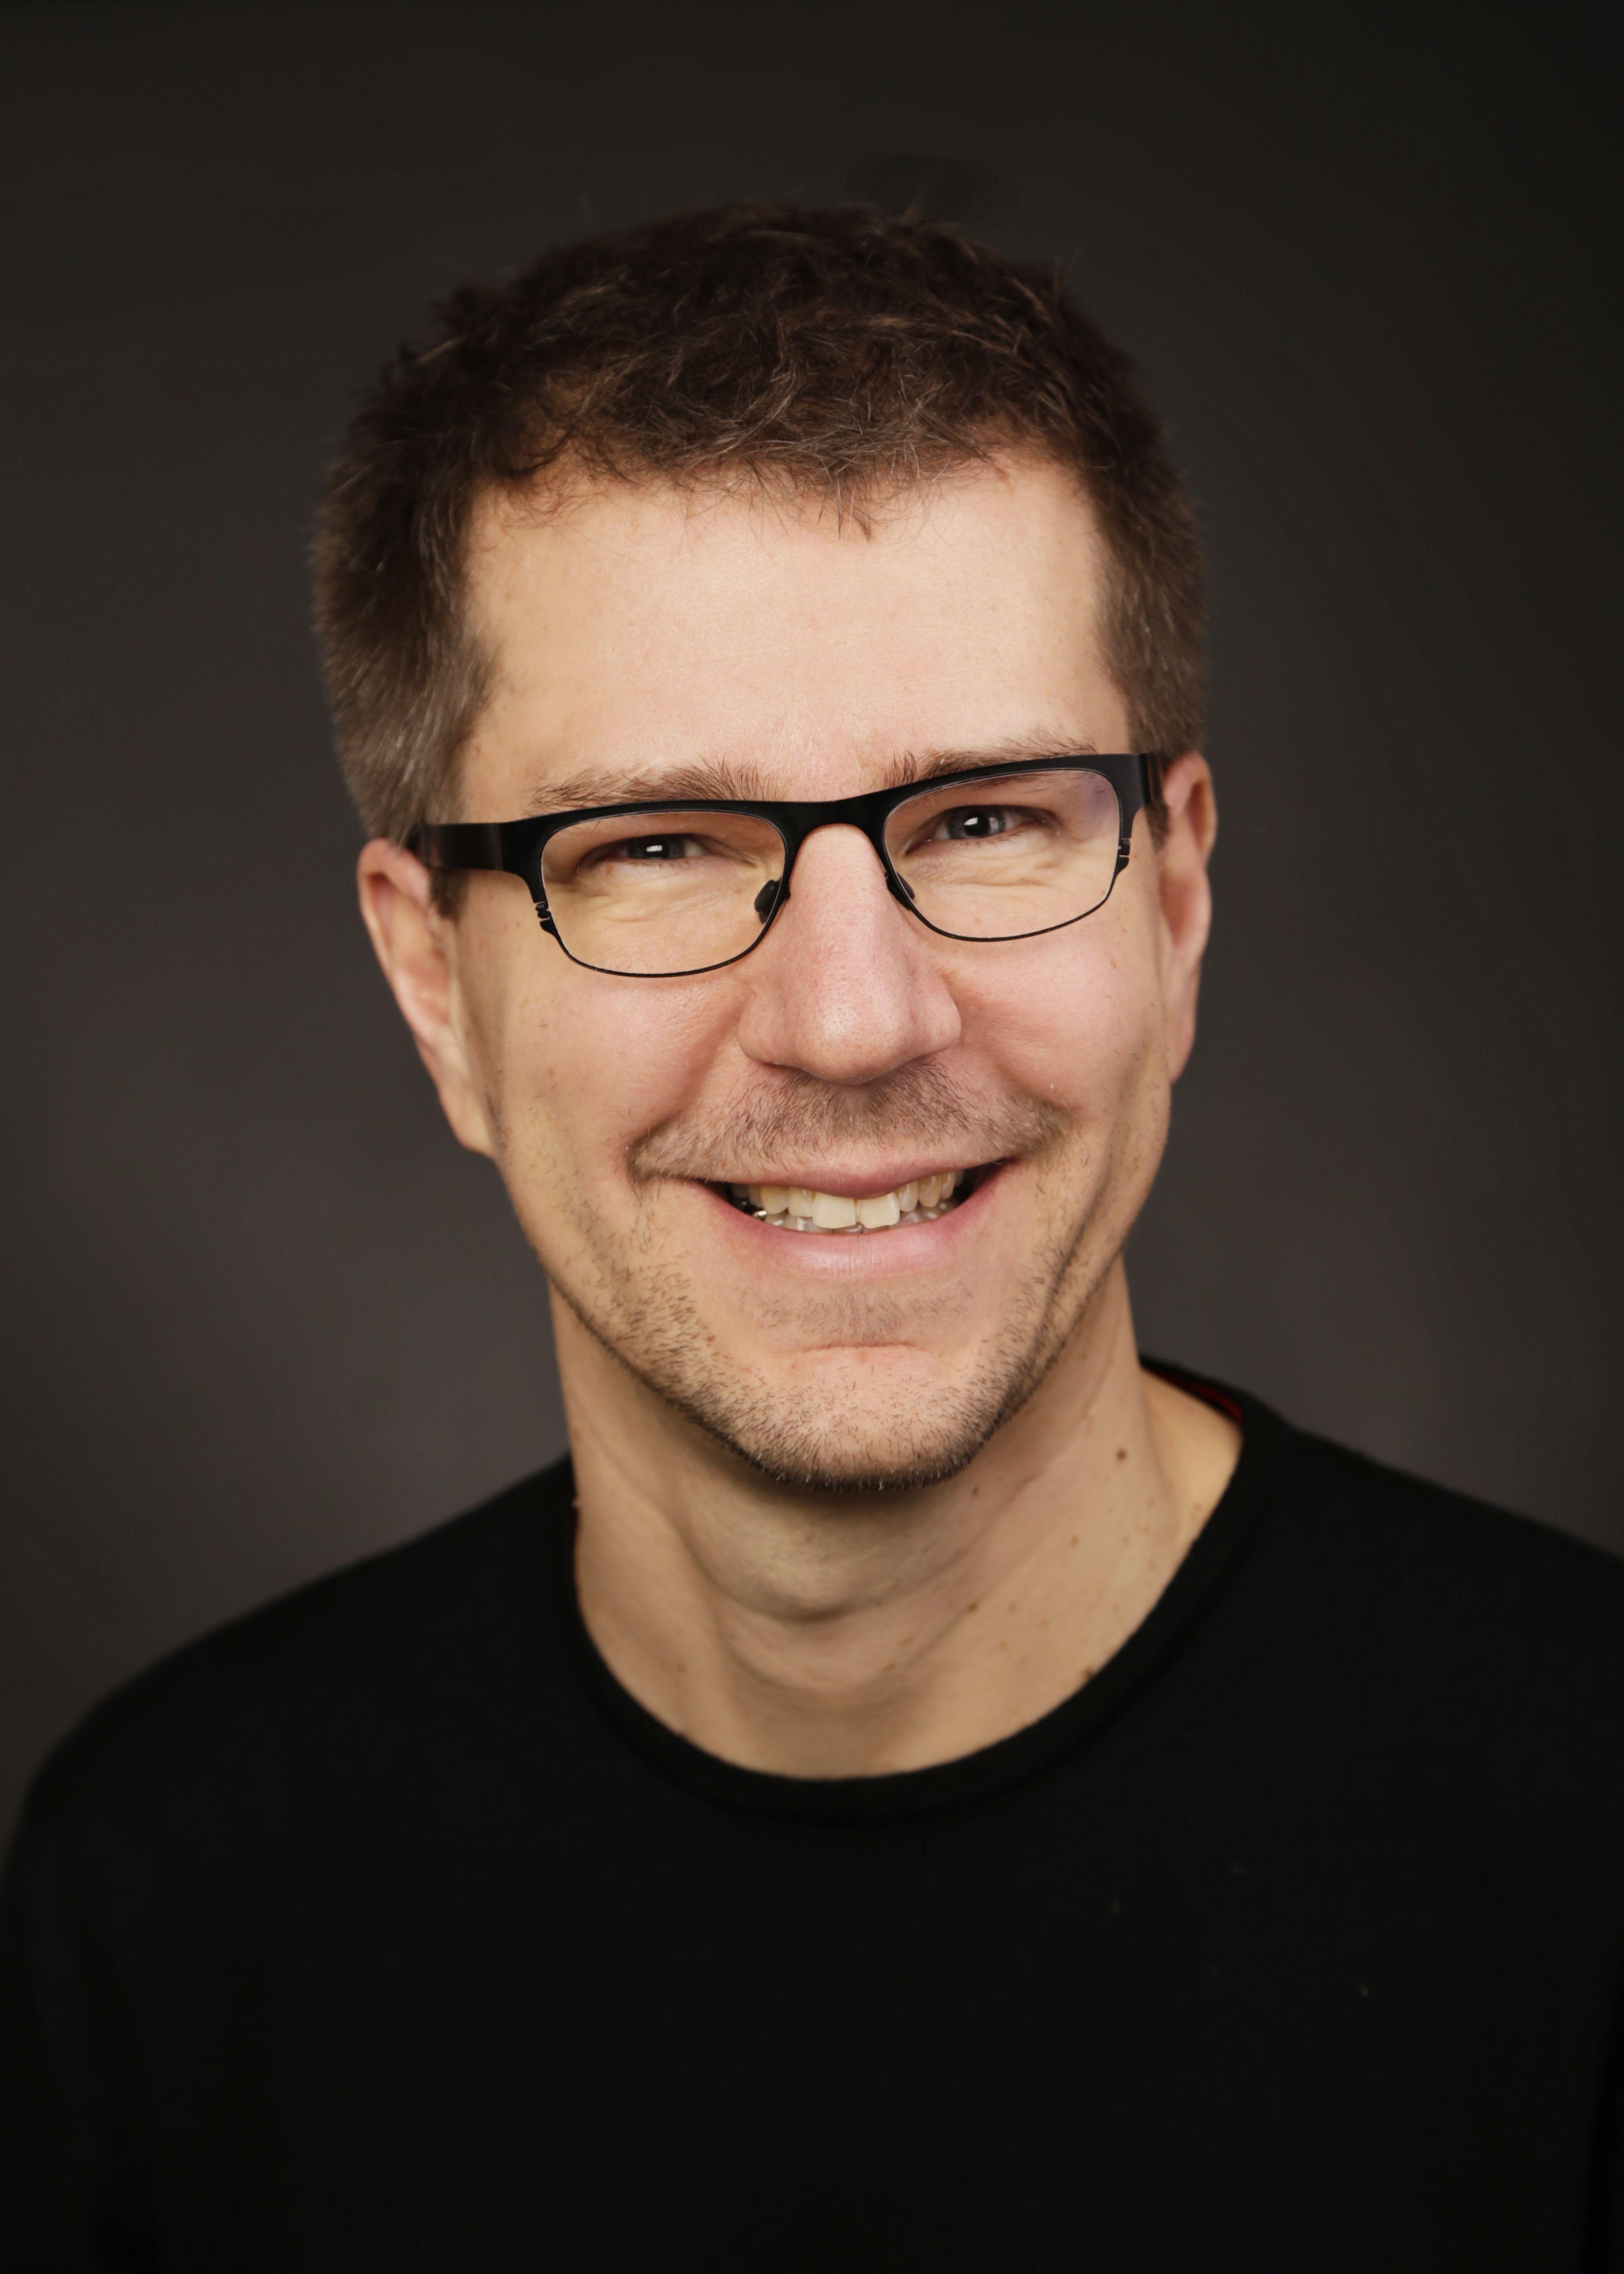 Portrait of Arp Schnittger